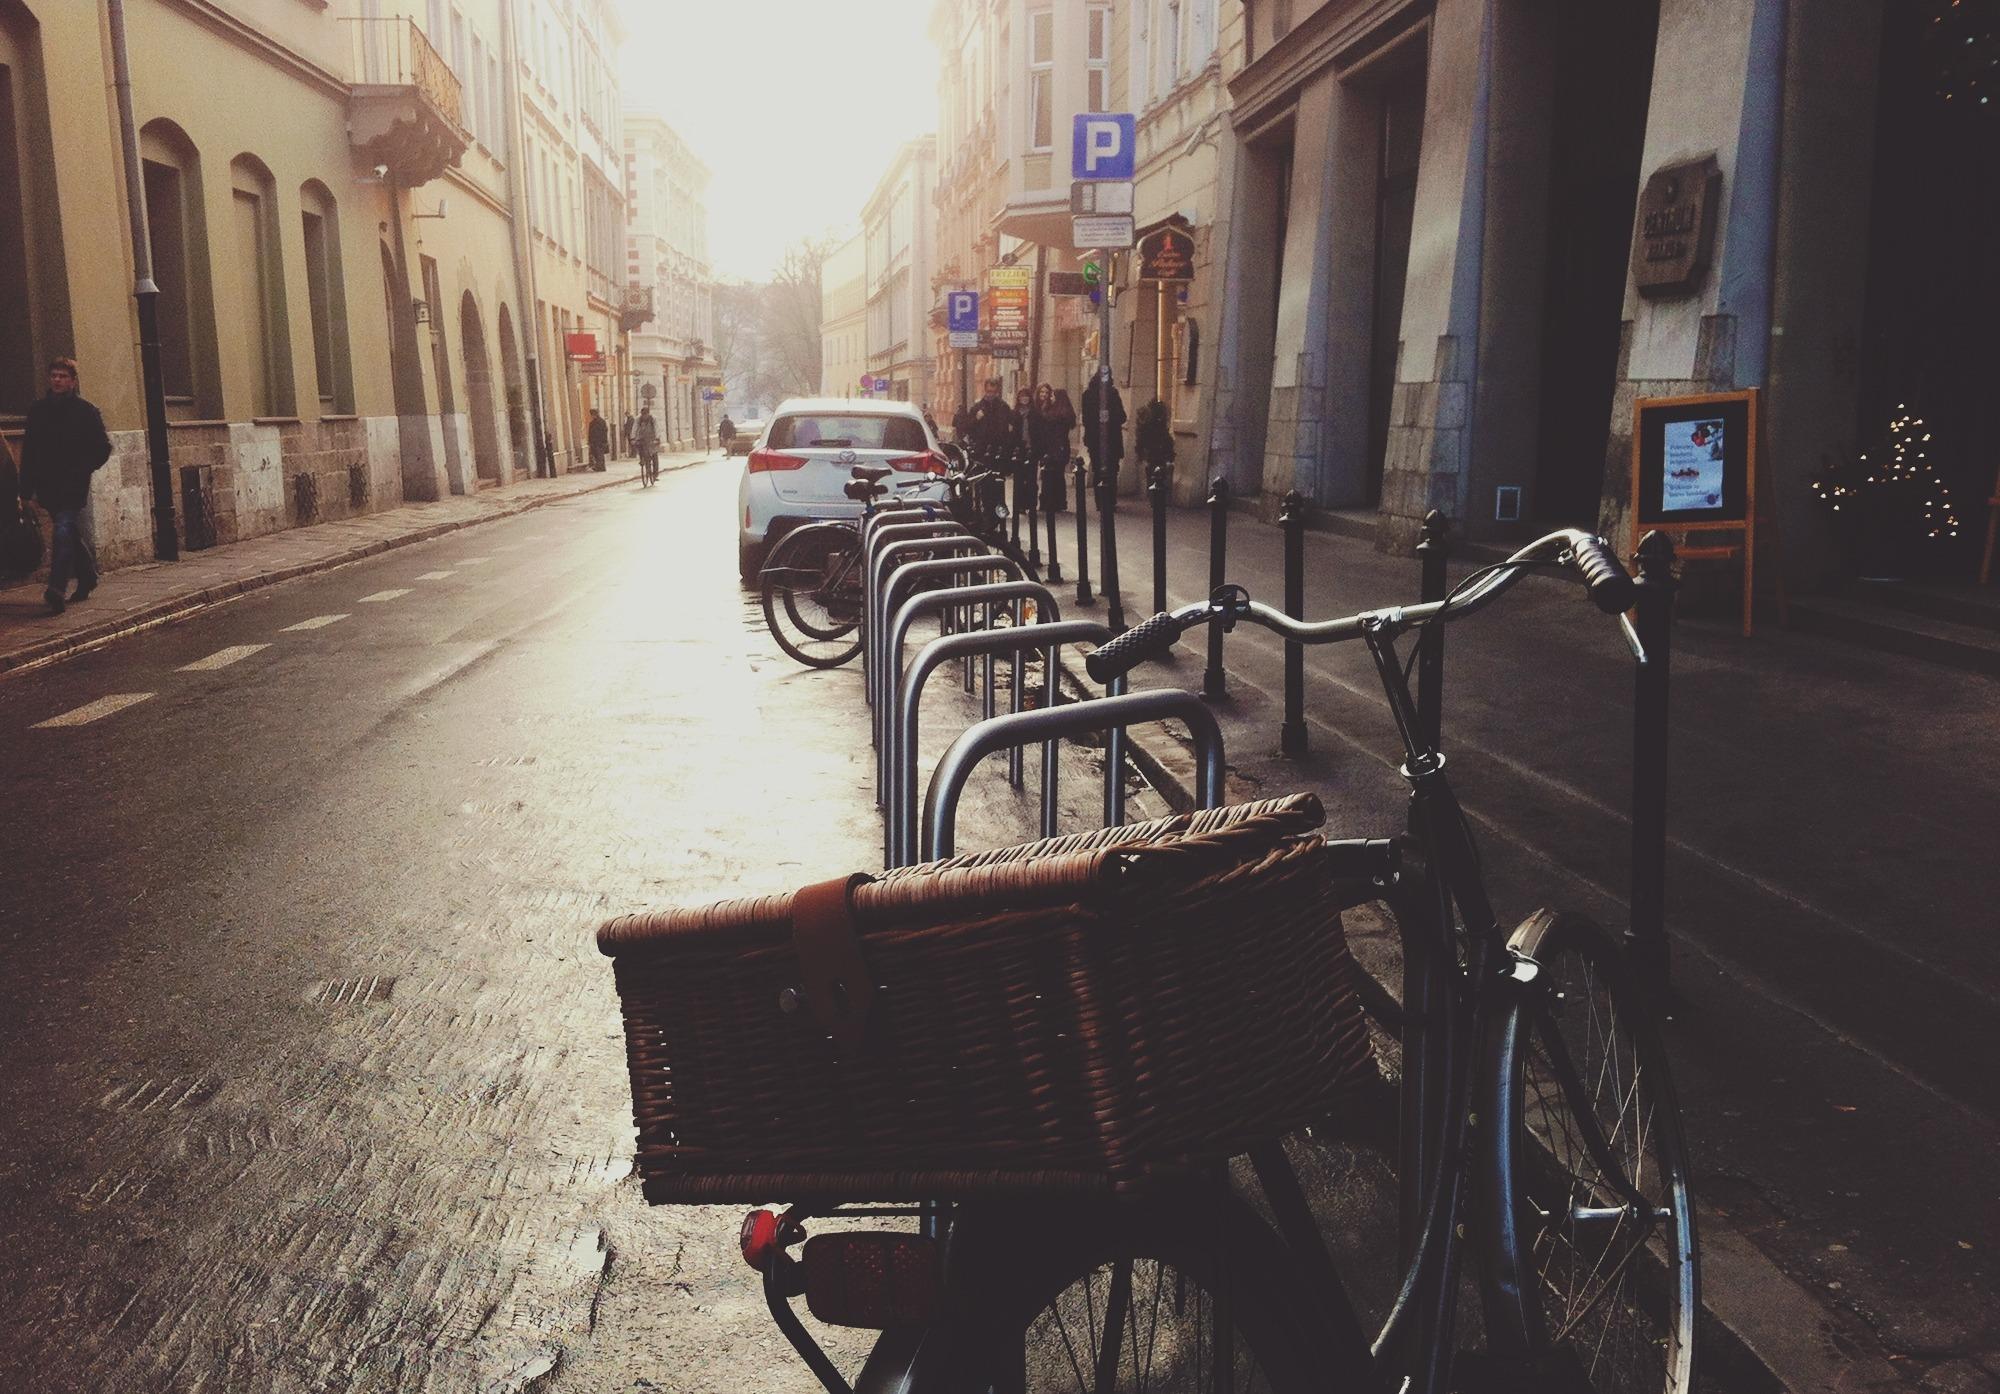 Un vélo de ville accroché à un arceau dans la rue d'une agglomération